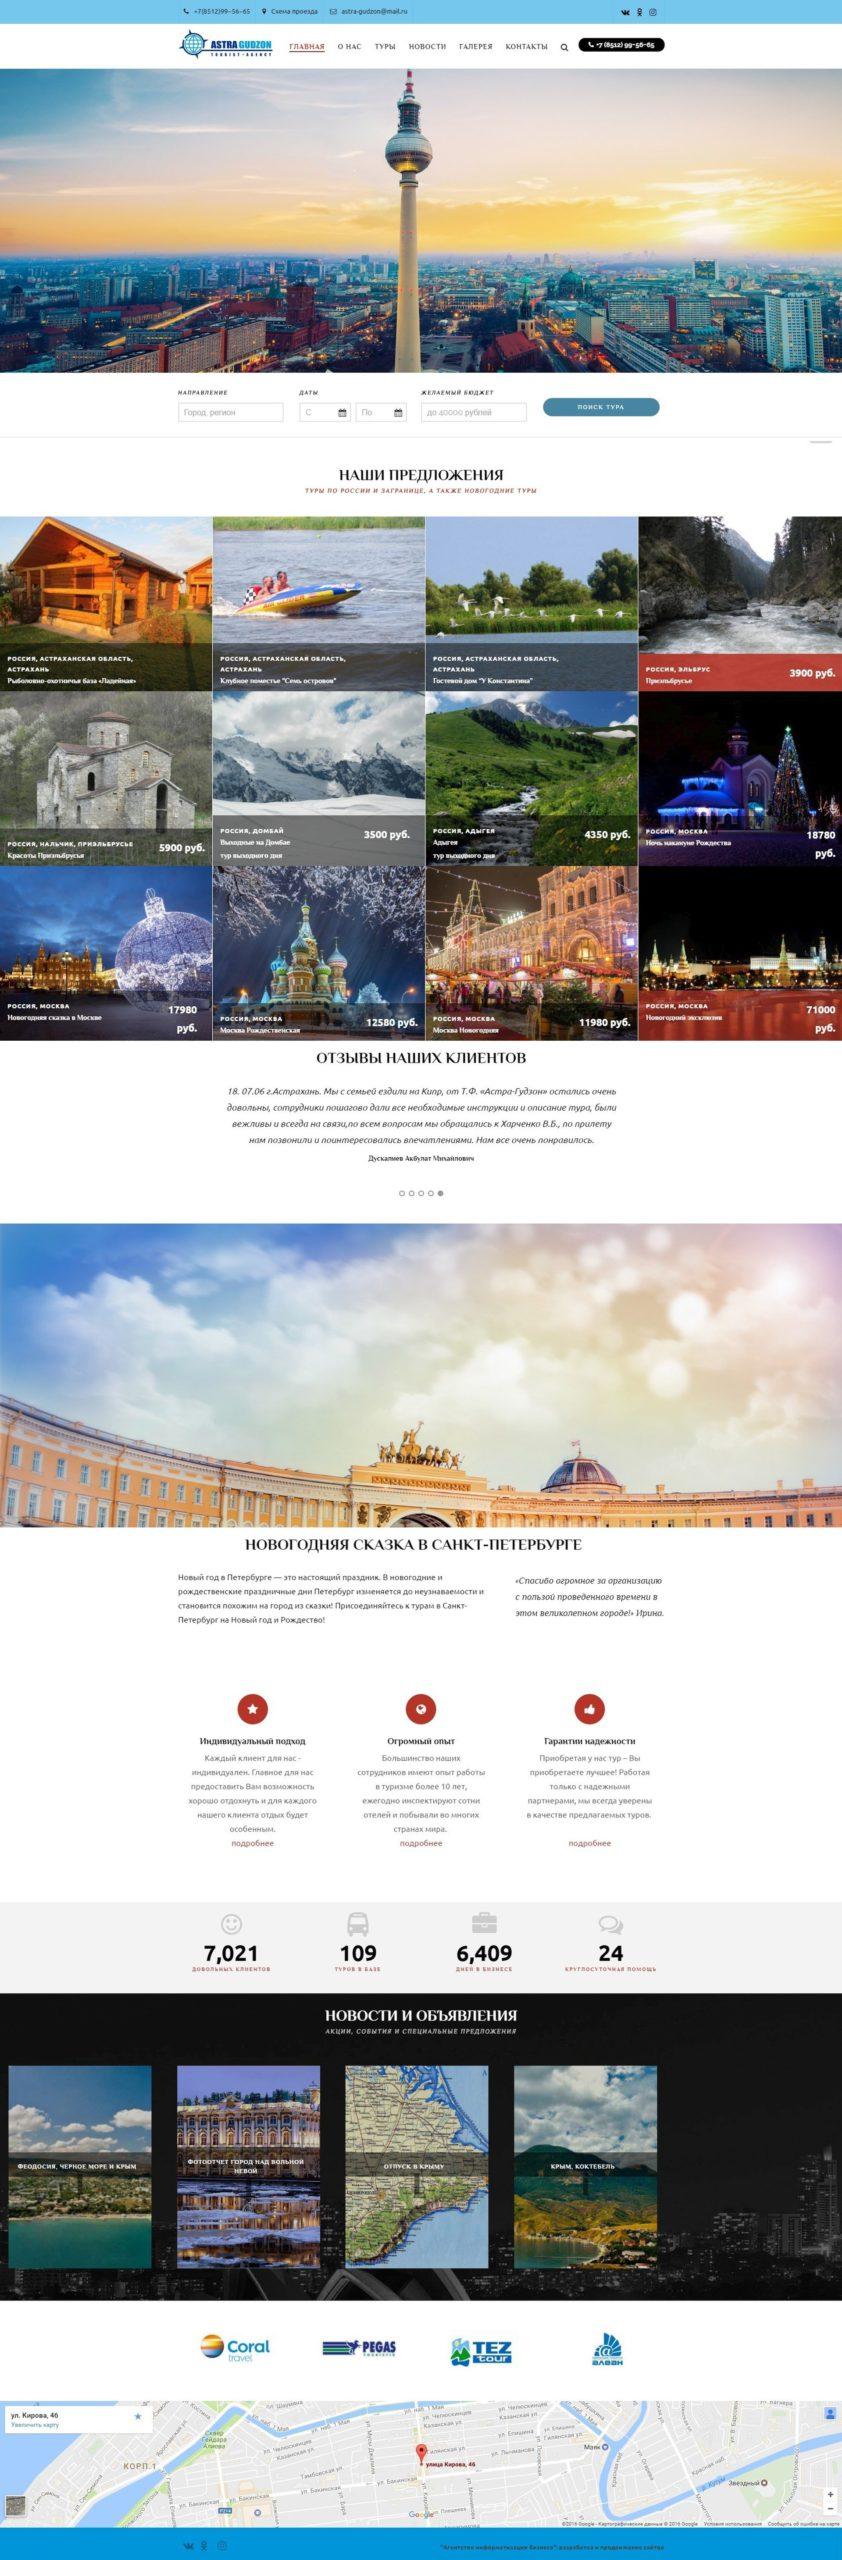 Astragudzon_Homepage-1